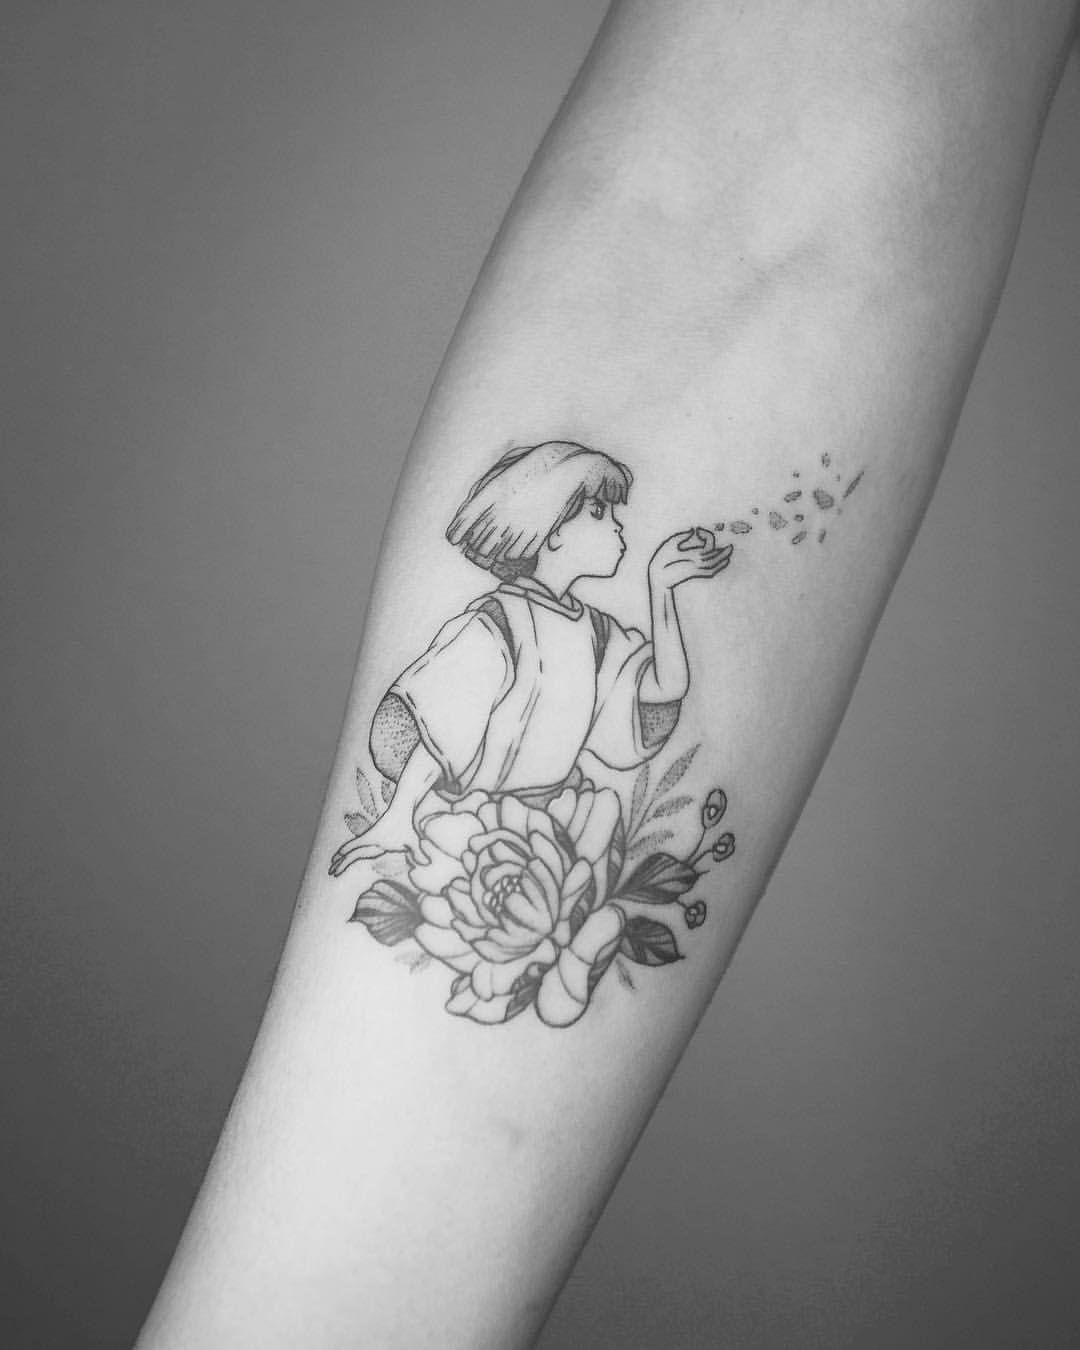 Haku From Flash Day Always Down For Ghibli Pieces Haku Spiritedaway Spiritedawaytattoo Studioghibli S Anime Tattoos Tattoos Spirited Away Tattoo